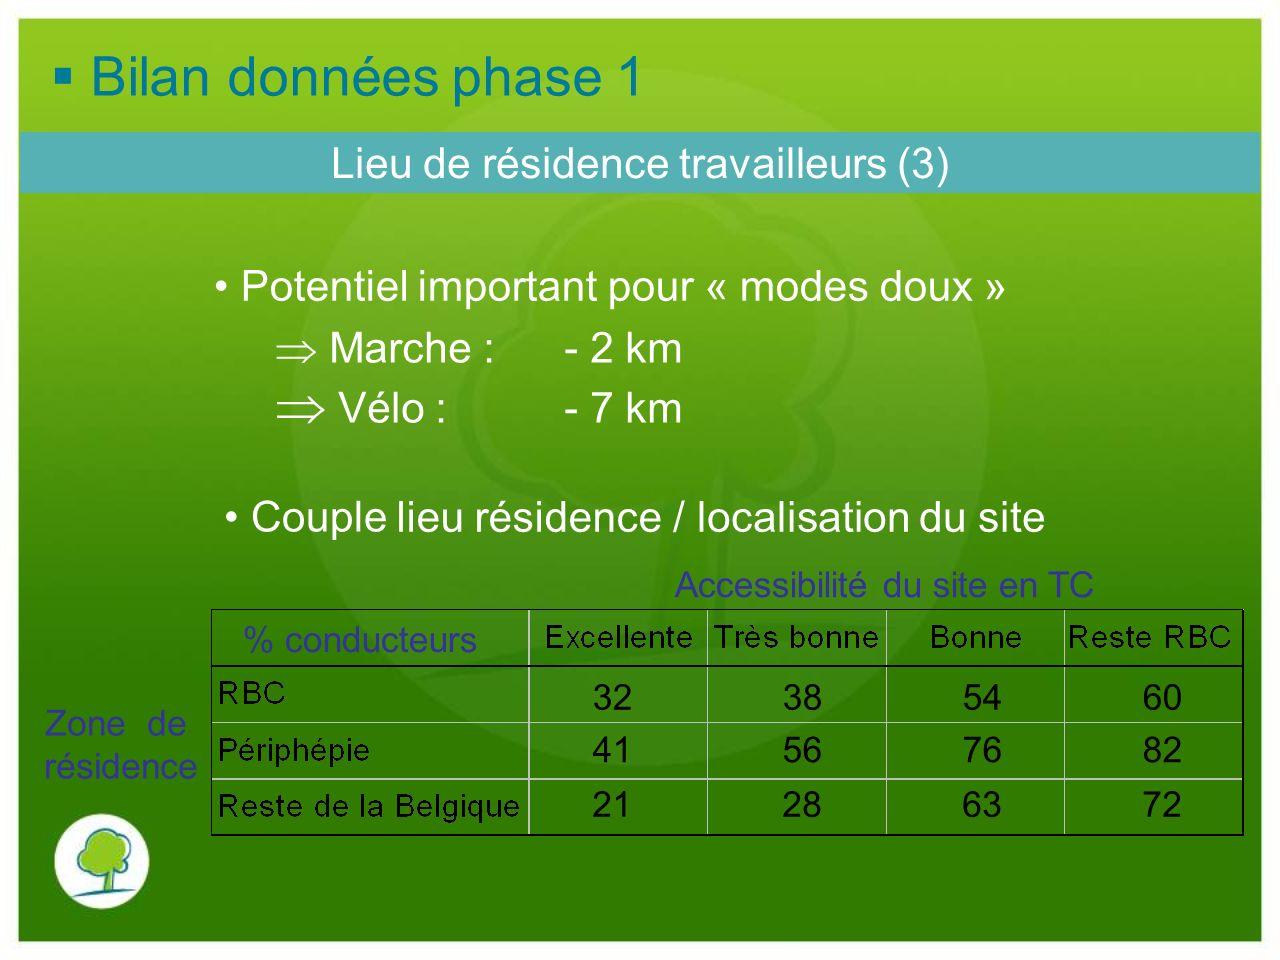 Lieu de résidence travailleurs (3) Accessibilité du site en TC Zone de résidence 32 38 54 60 41 56 76 82 21 28 63 72 Potentiel important pour « modes